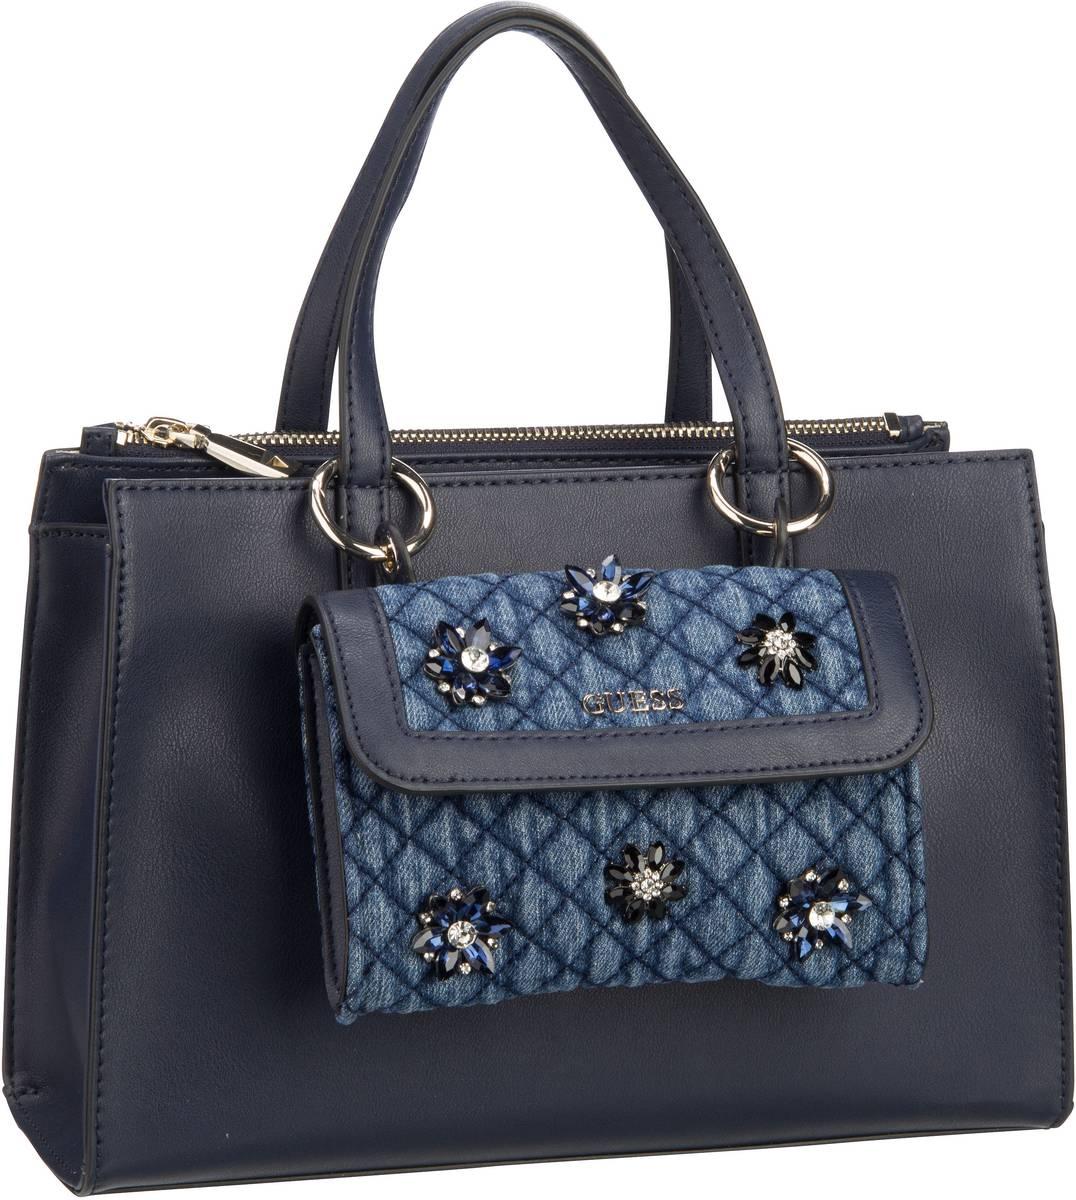 Handtasche Sienna 2in1 Society Satchel Patch Blue